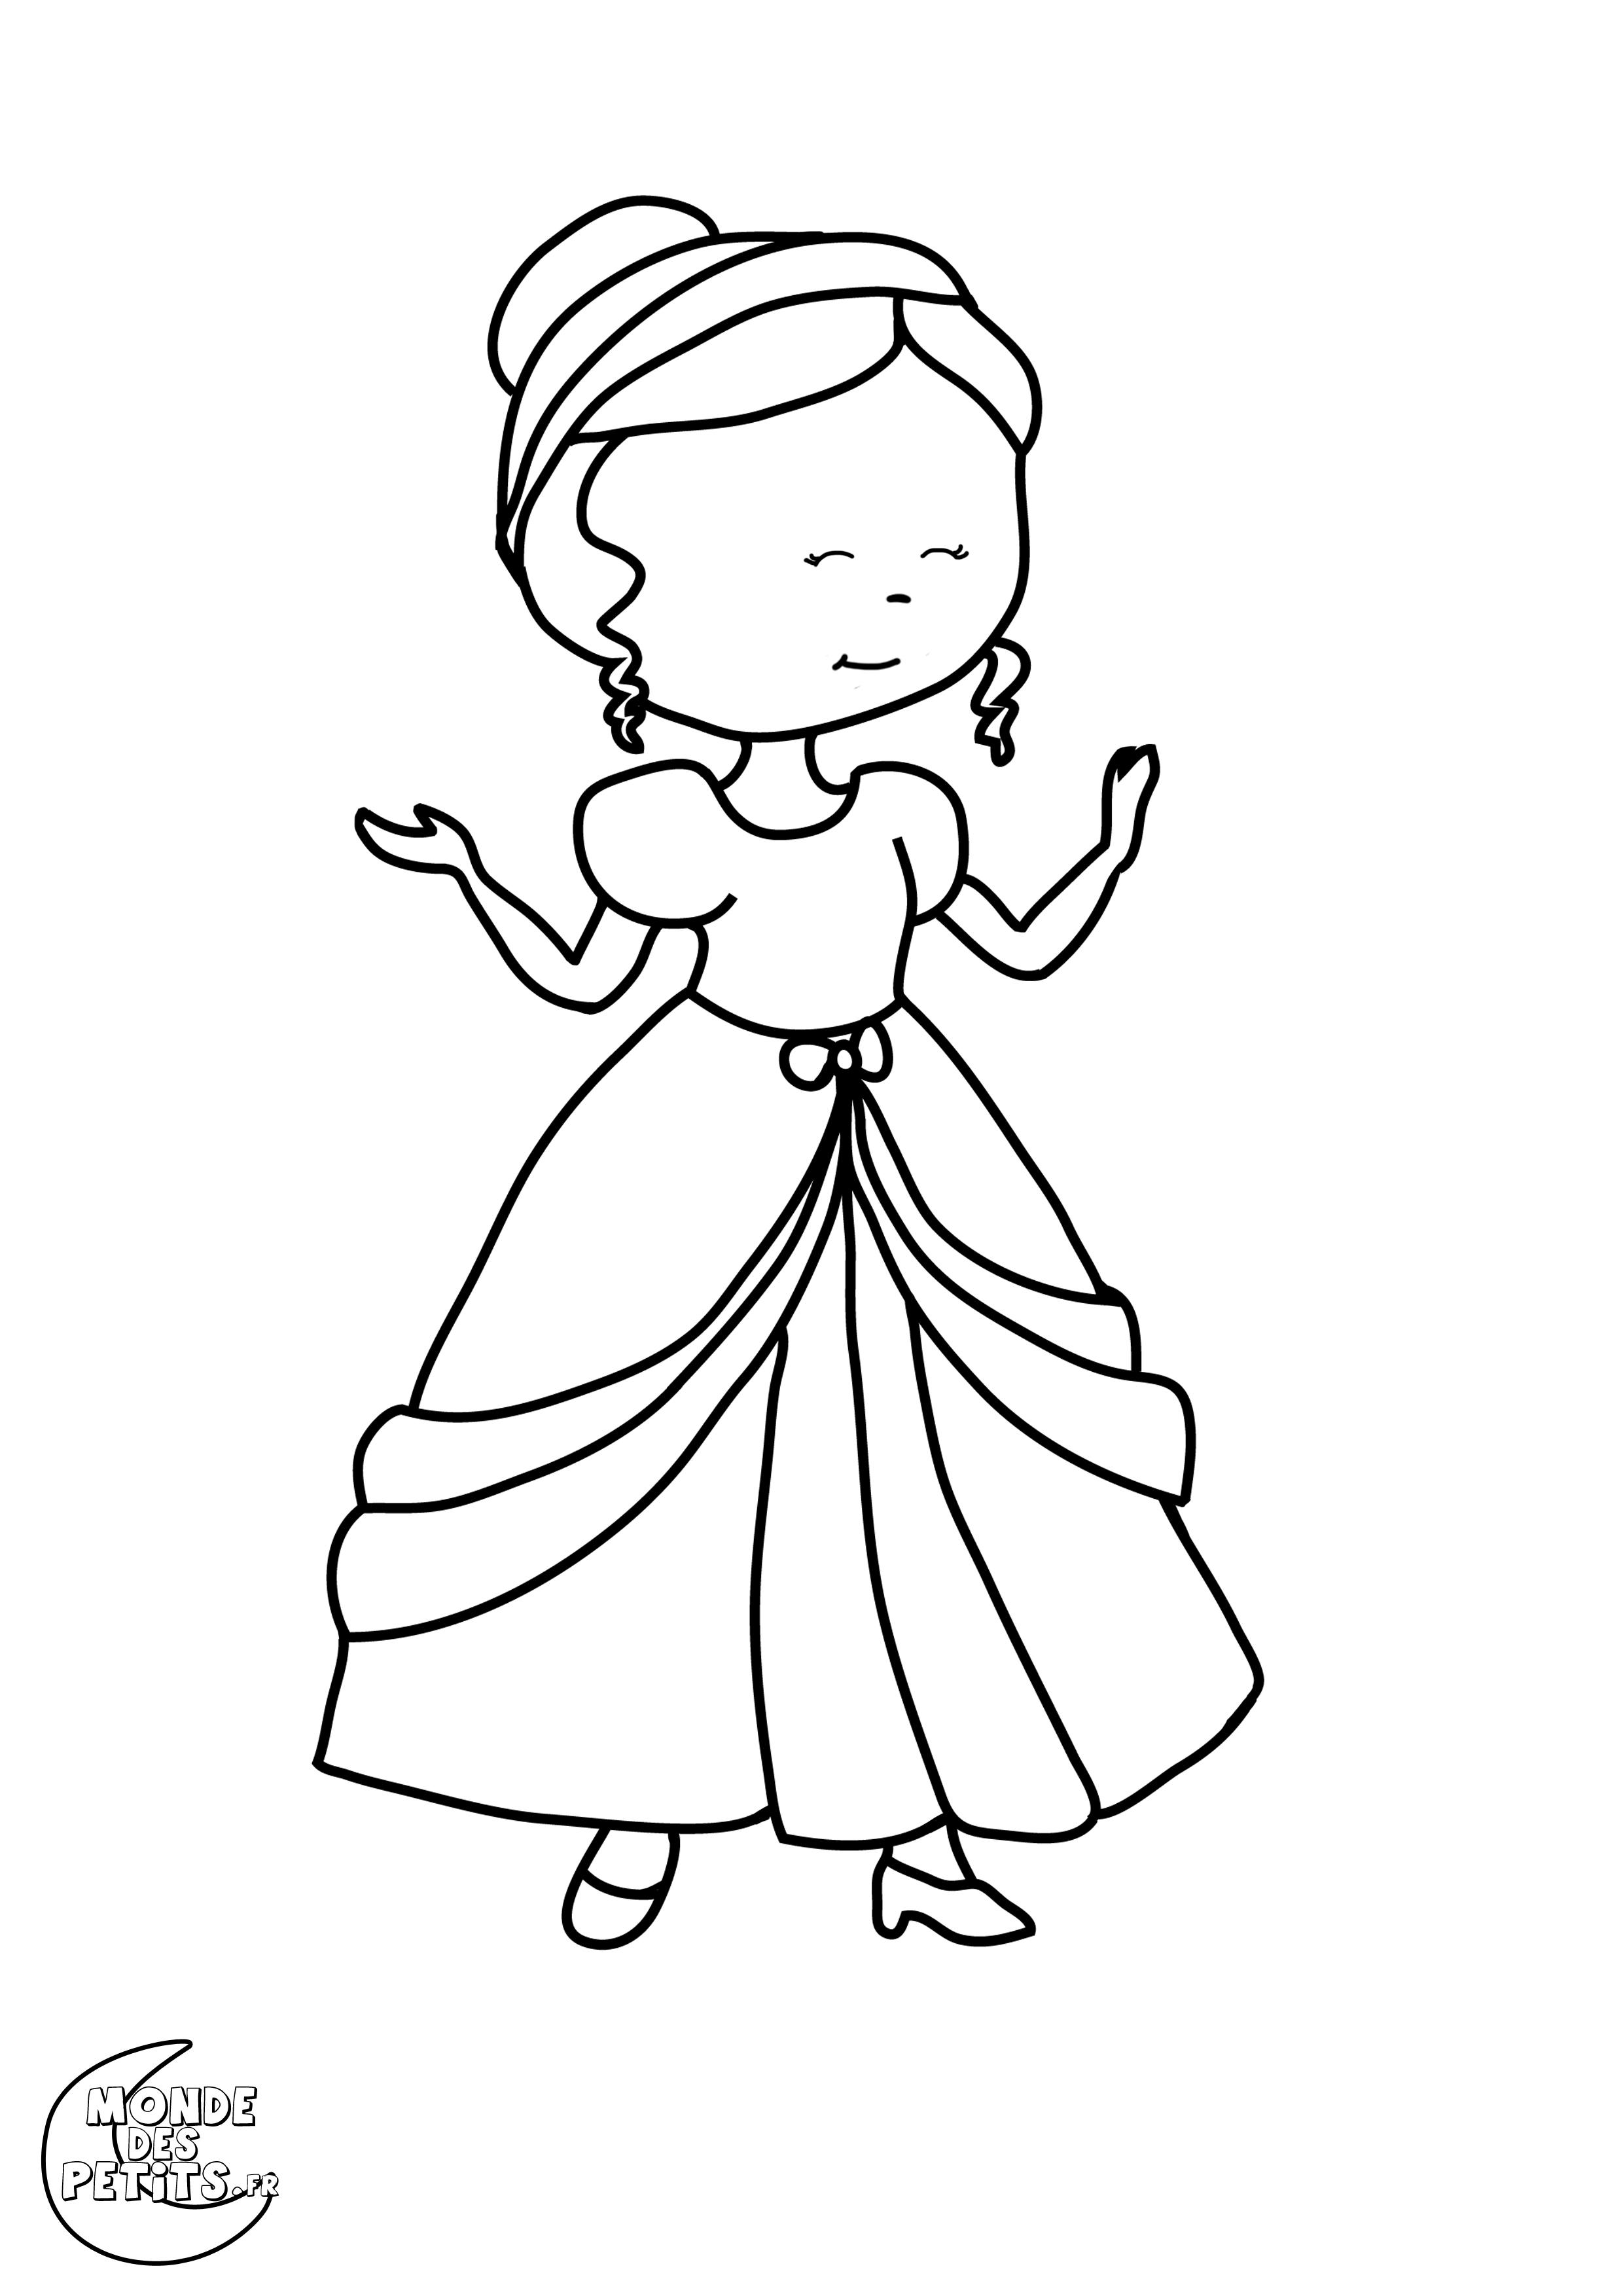 Dessin de princesse à colorier